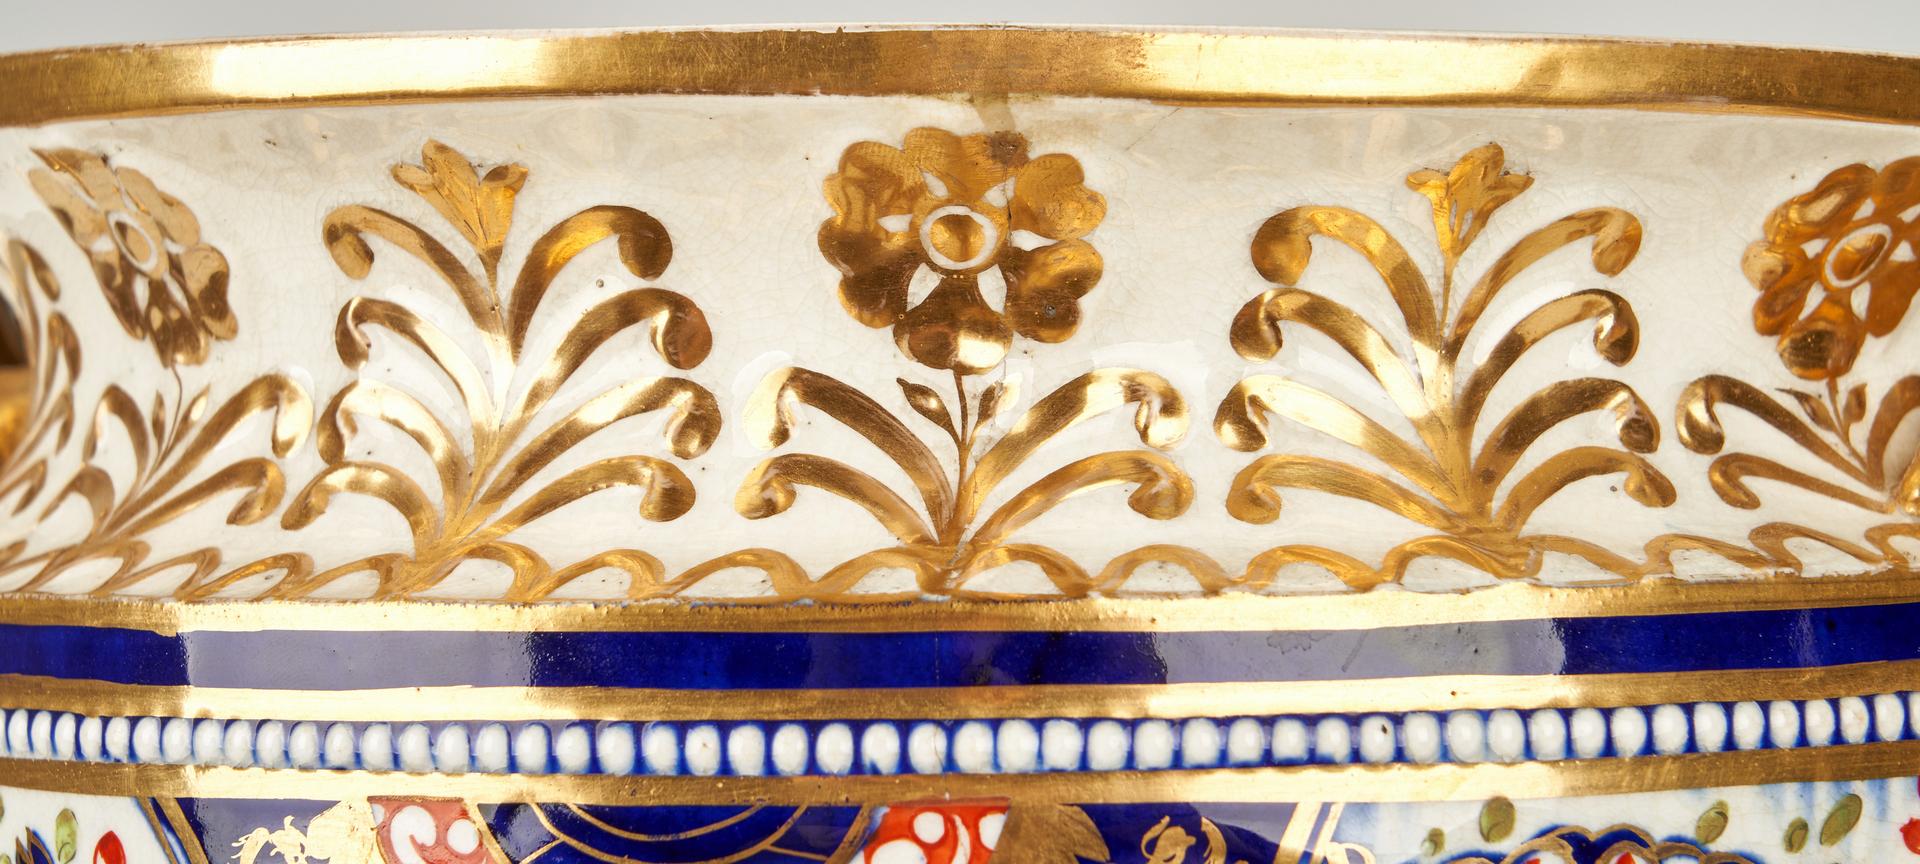 Lot 264: English Imari Porcelain Tureen